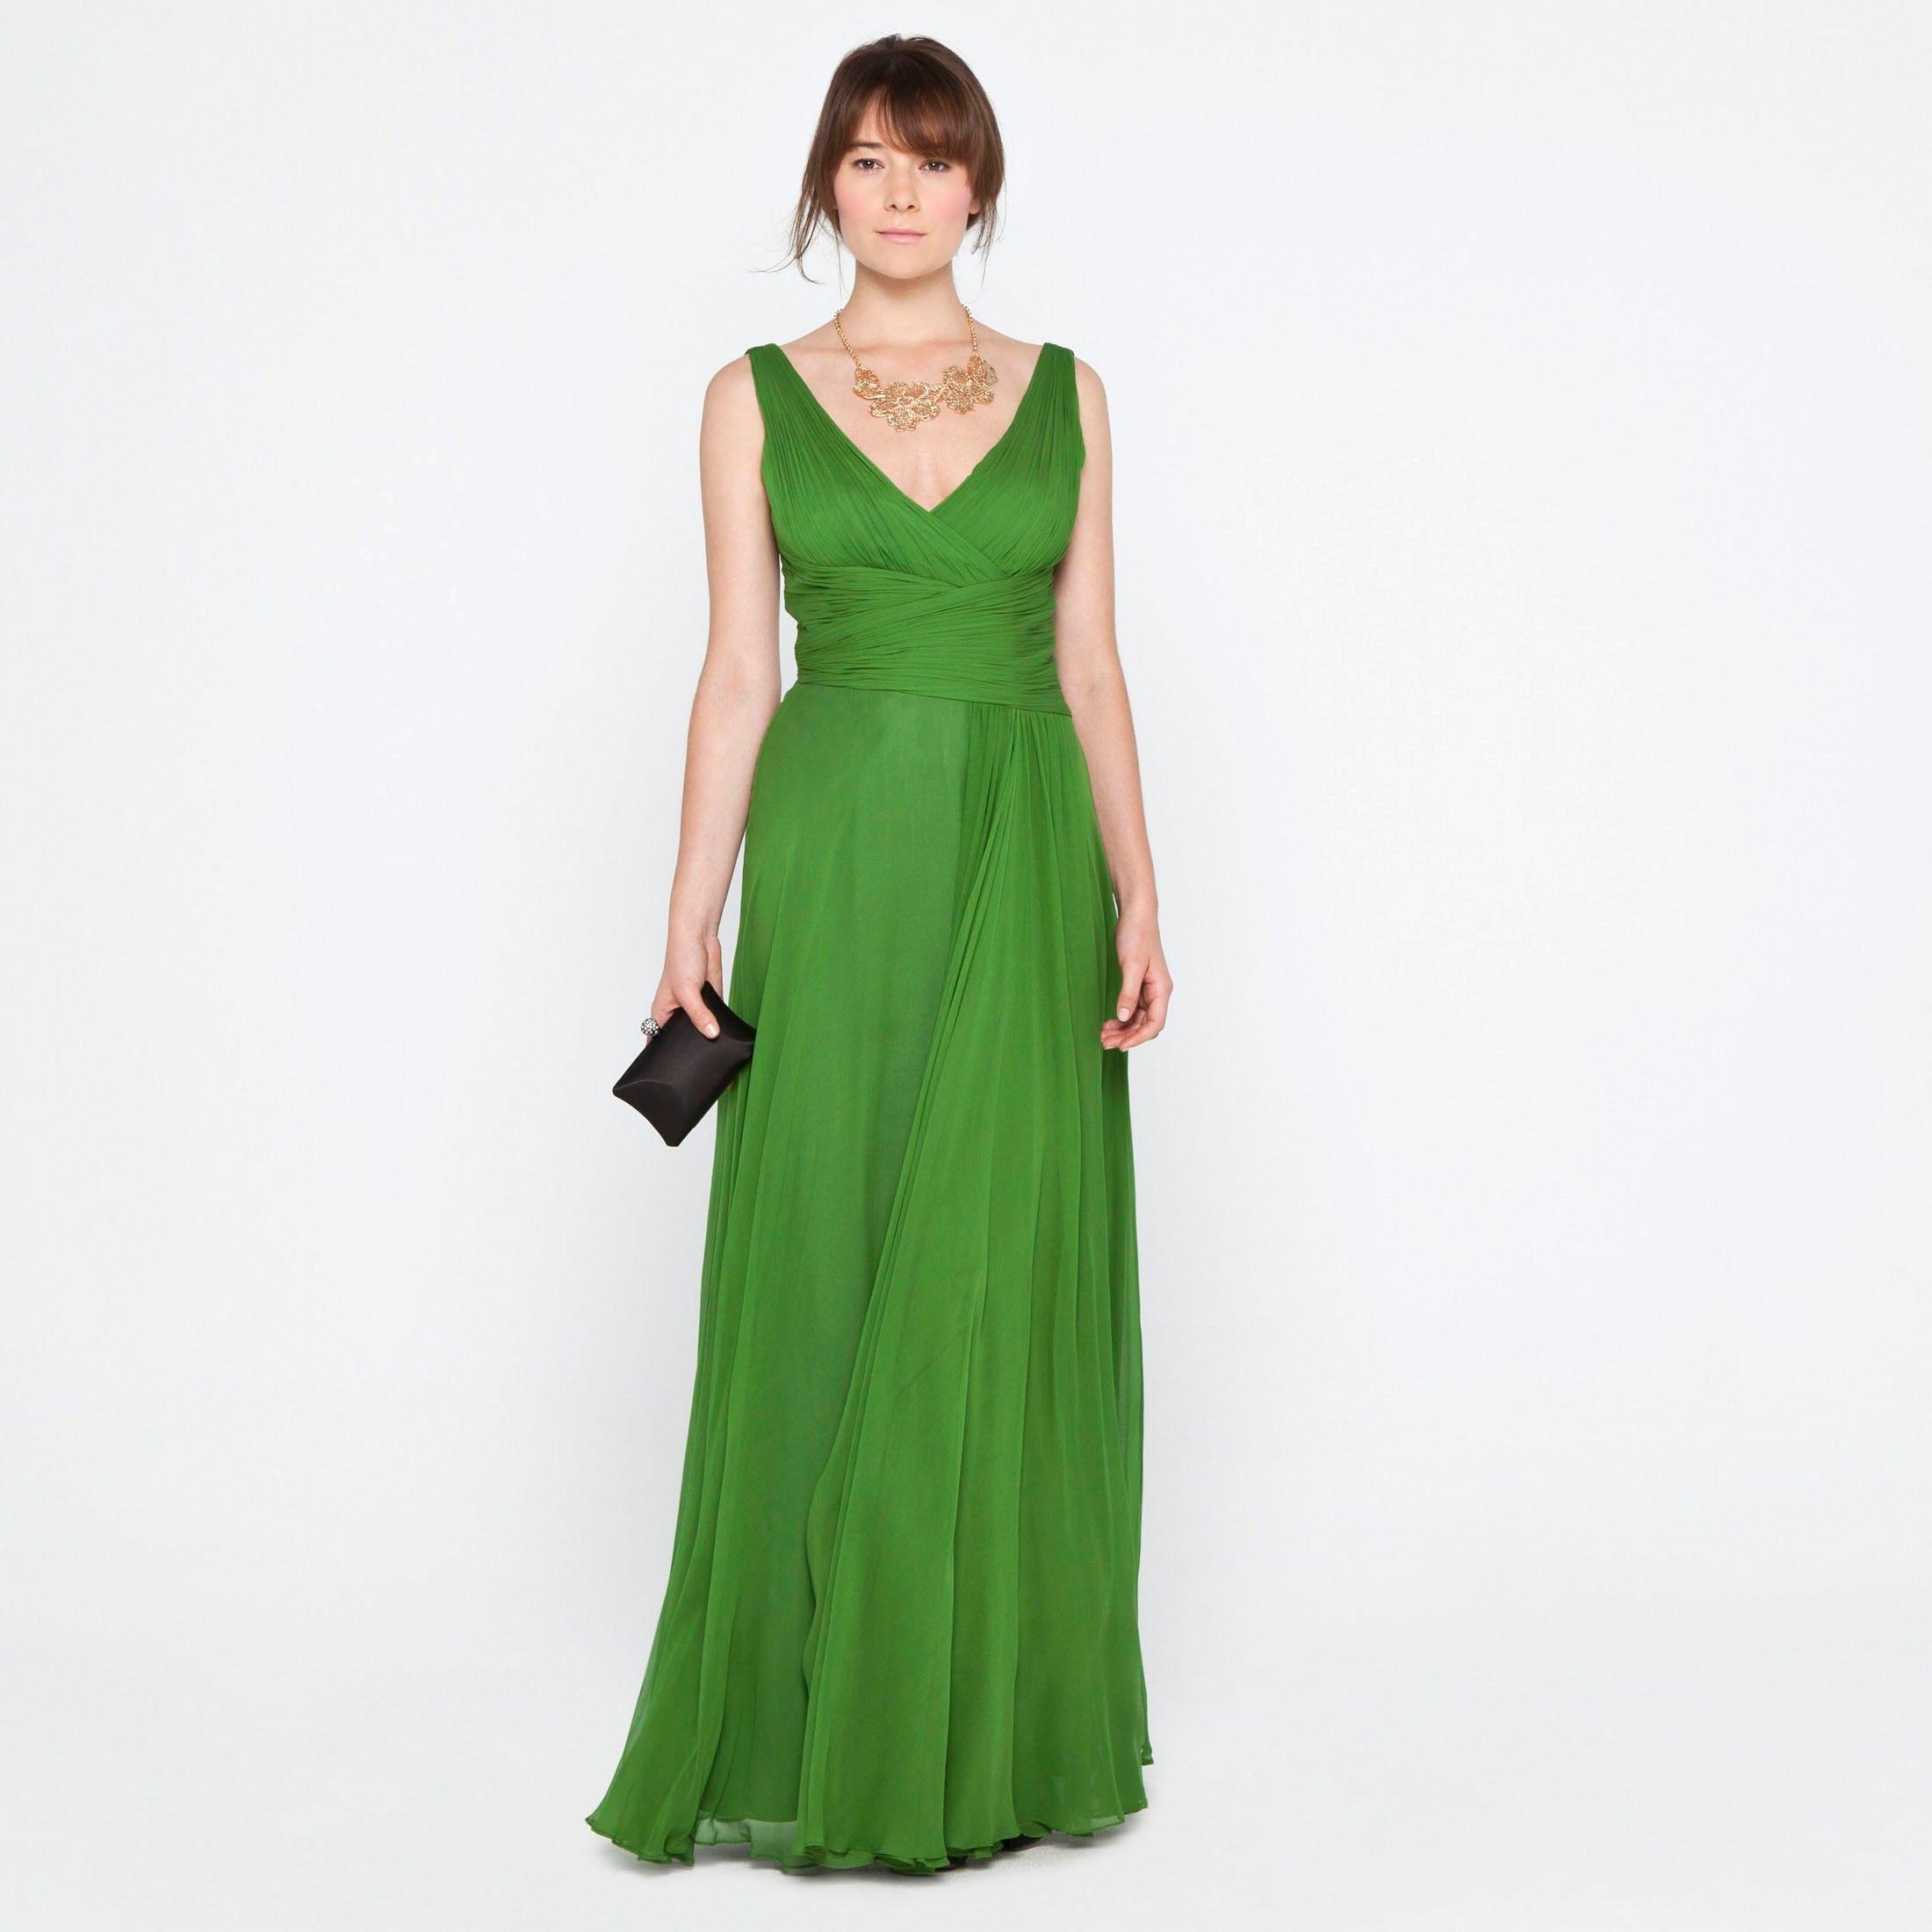 fc7cba222 Vestido largo de seda con escote en V y drapeado en la cintura. Elegante y  sencillo.